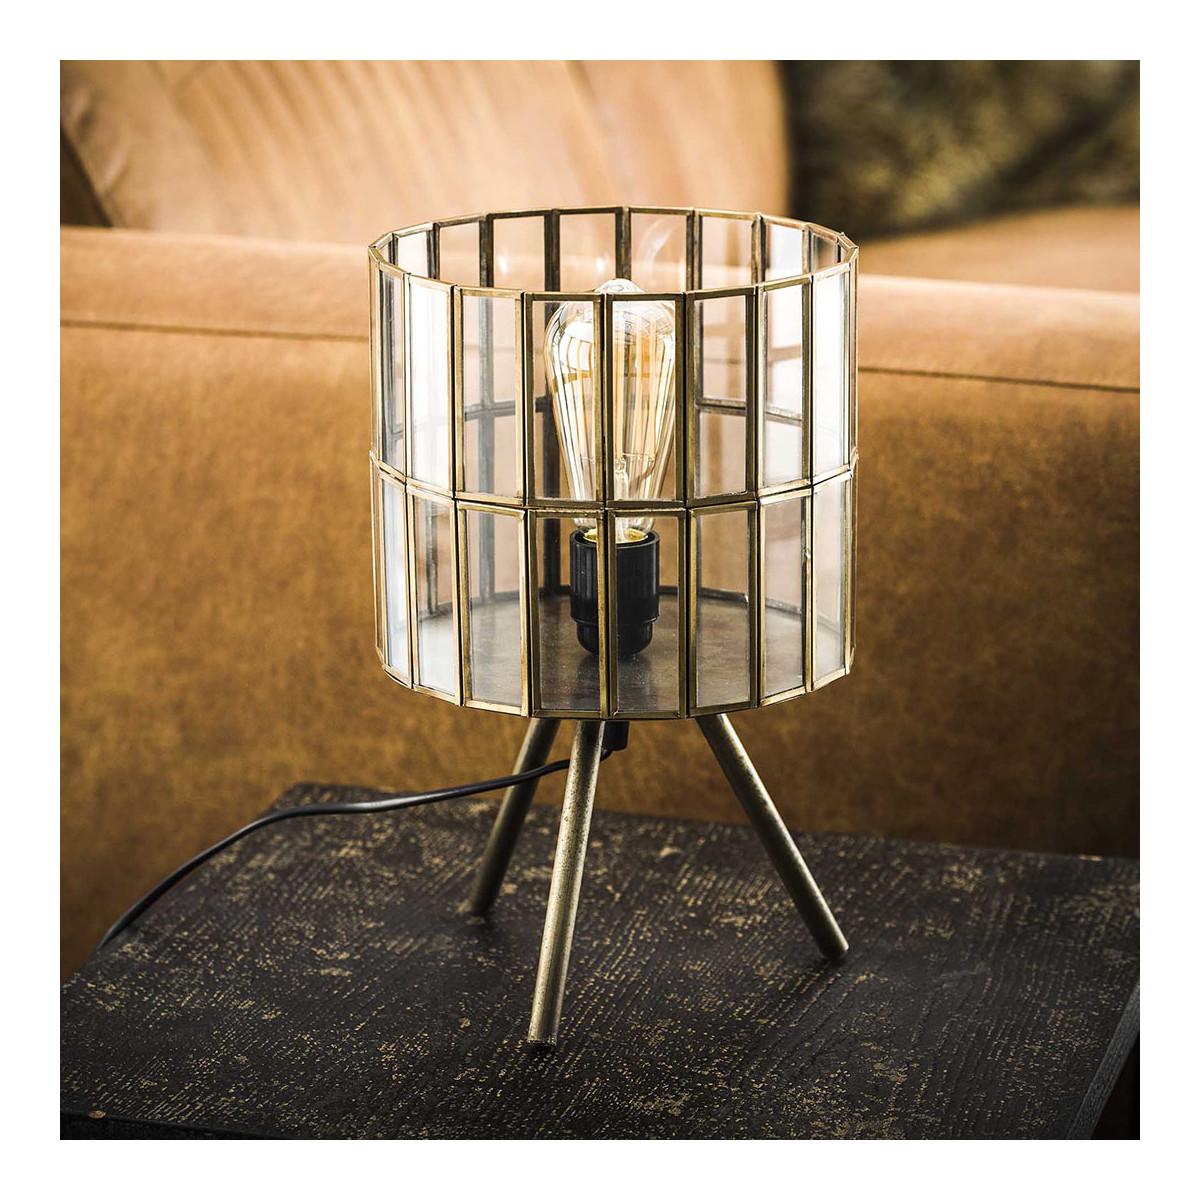 Lampe de table ronde vintage sur pieds en métal et verre D20